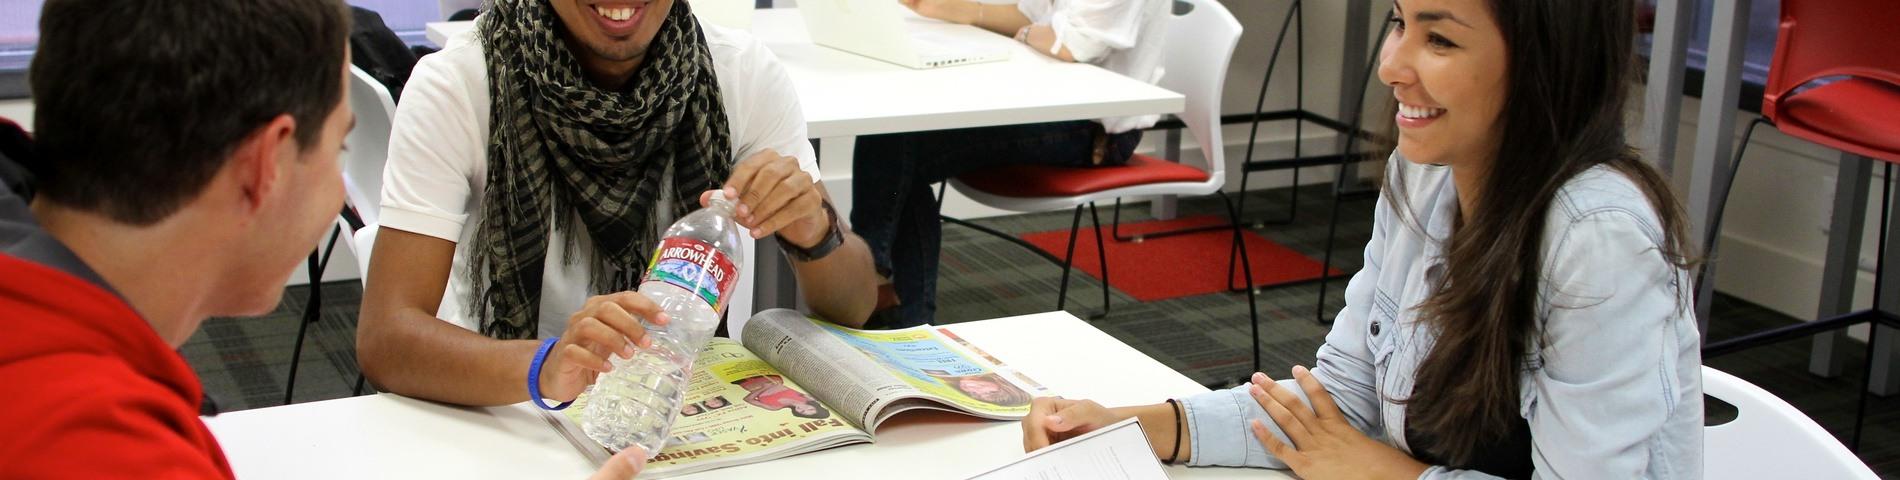 Imagen 1 de la escuela Converse International School of Languages